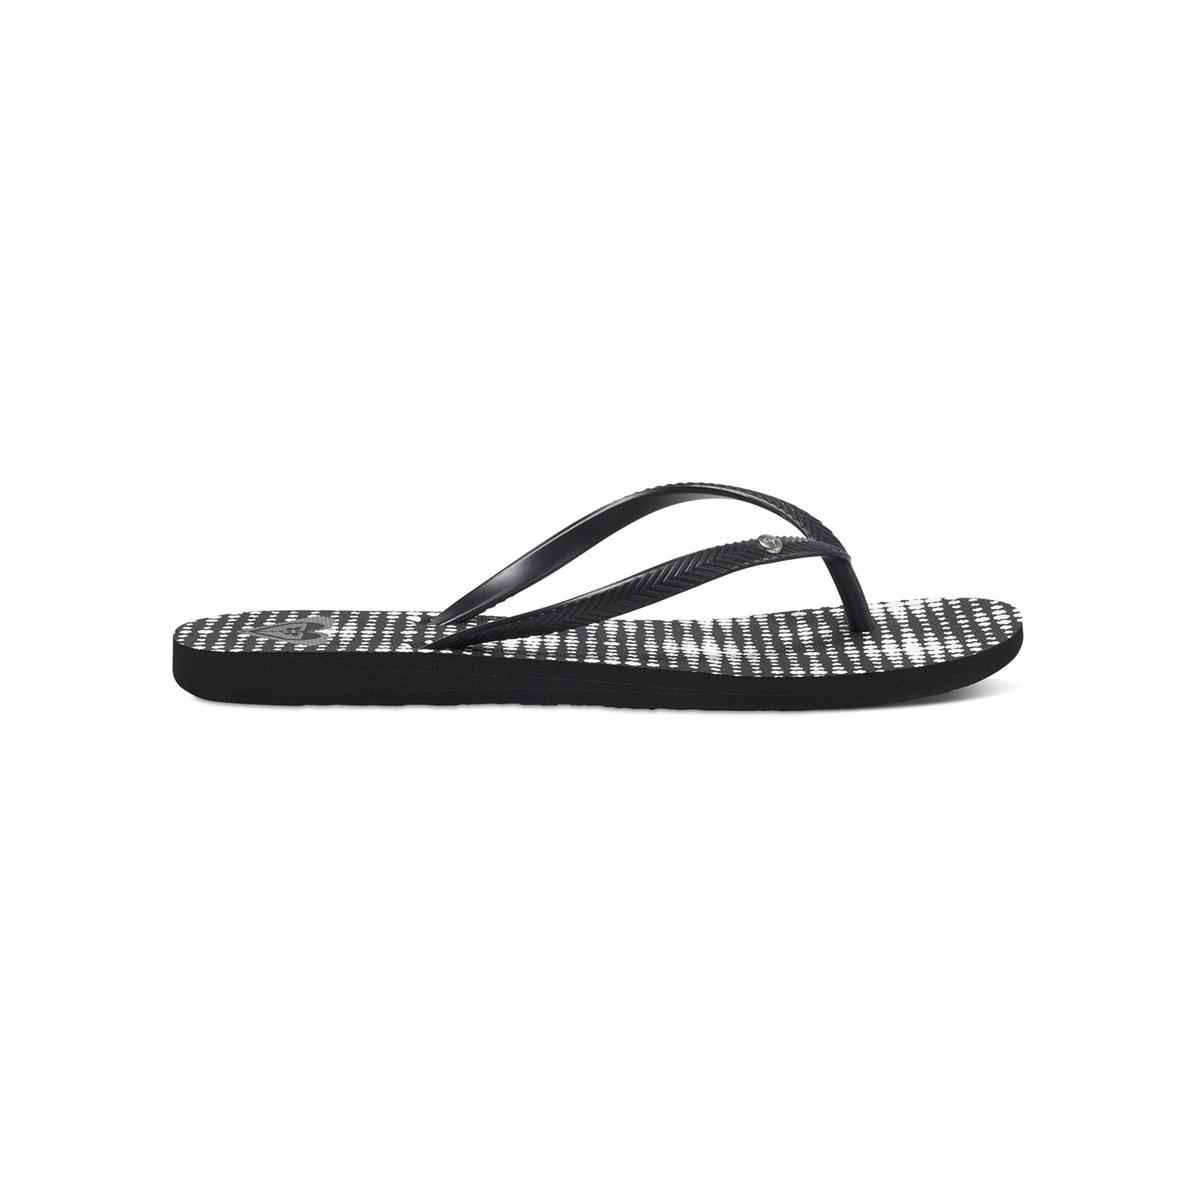 Вьетнамки BermudaВерх : синтетика   Подошва : каучук   Форма каблука : плоский каблук   Мысок : открытый мысок   Застежка : без застежки<br><br>Цвет: черный<br>Размер: 40.41